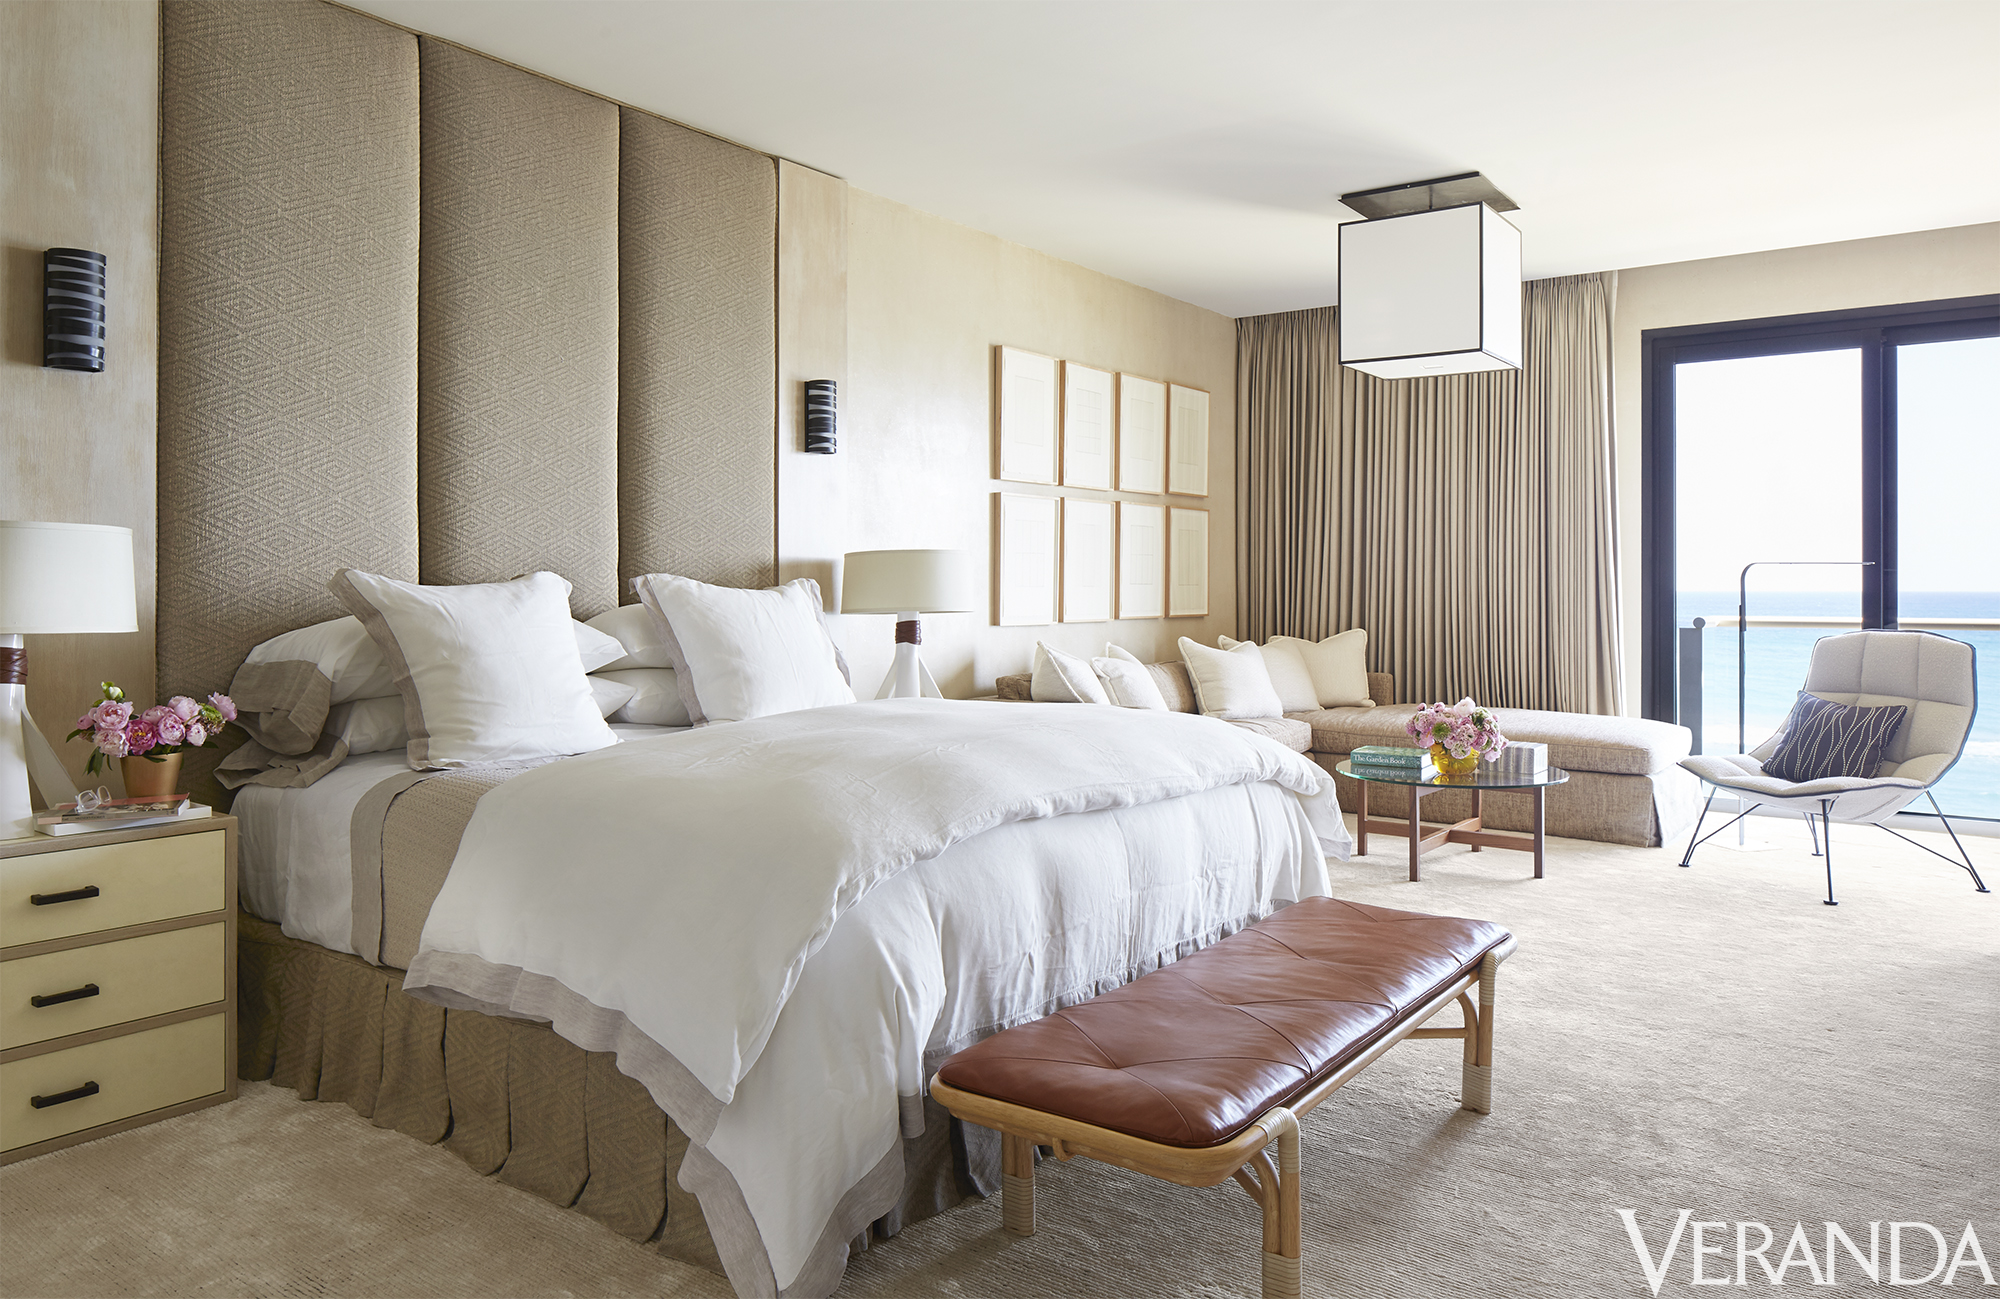 designer bedrooms 30 best bedroom ideas - beautiful bedroom decorating tips DBWLTVM